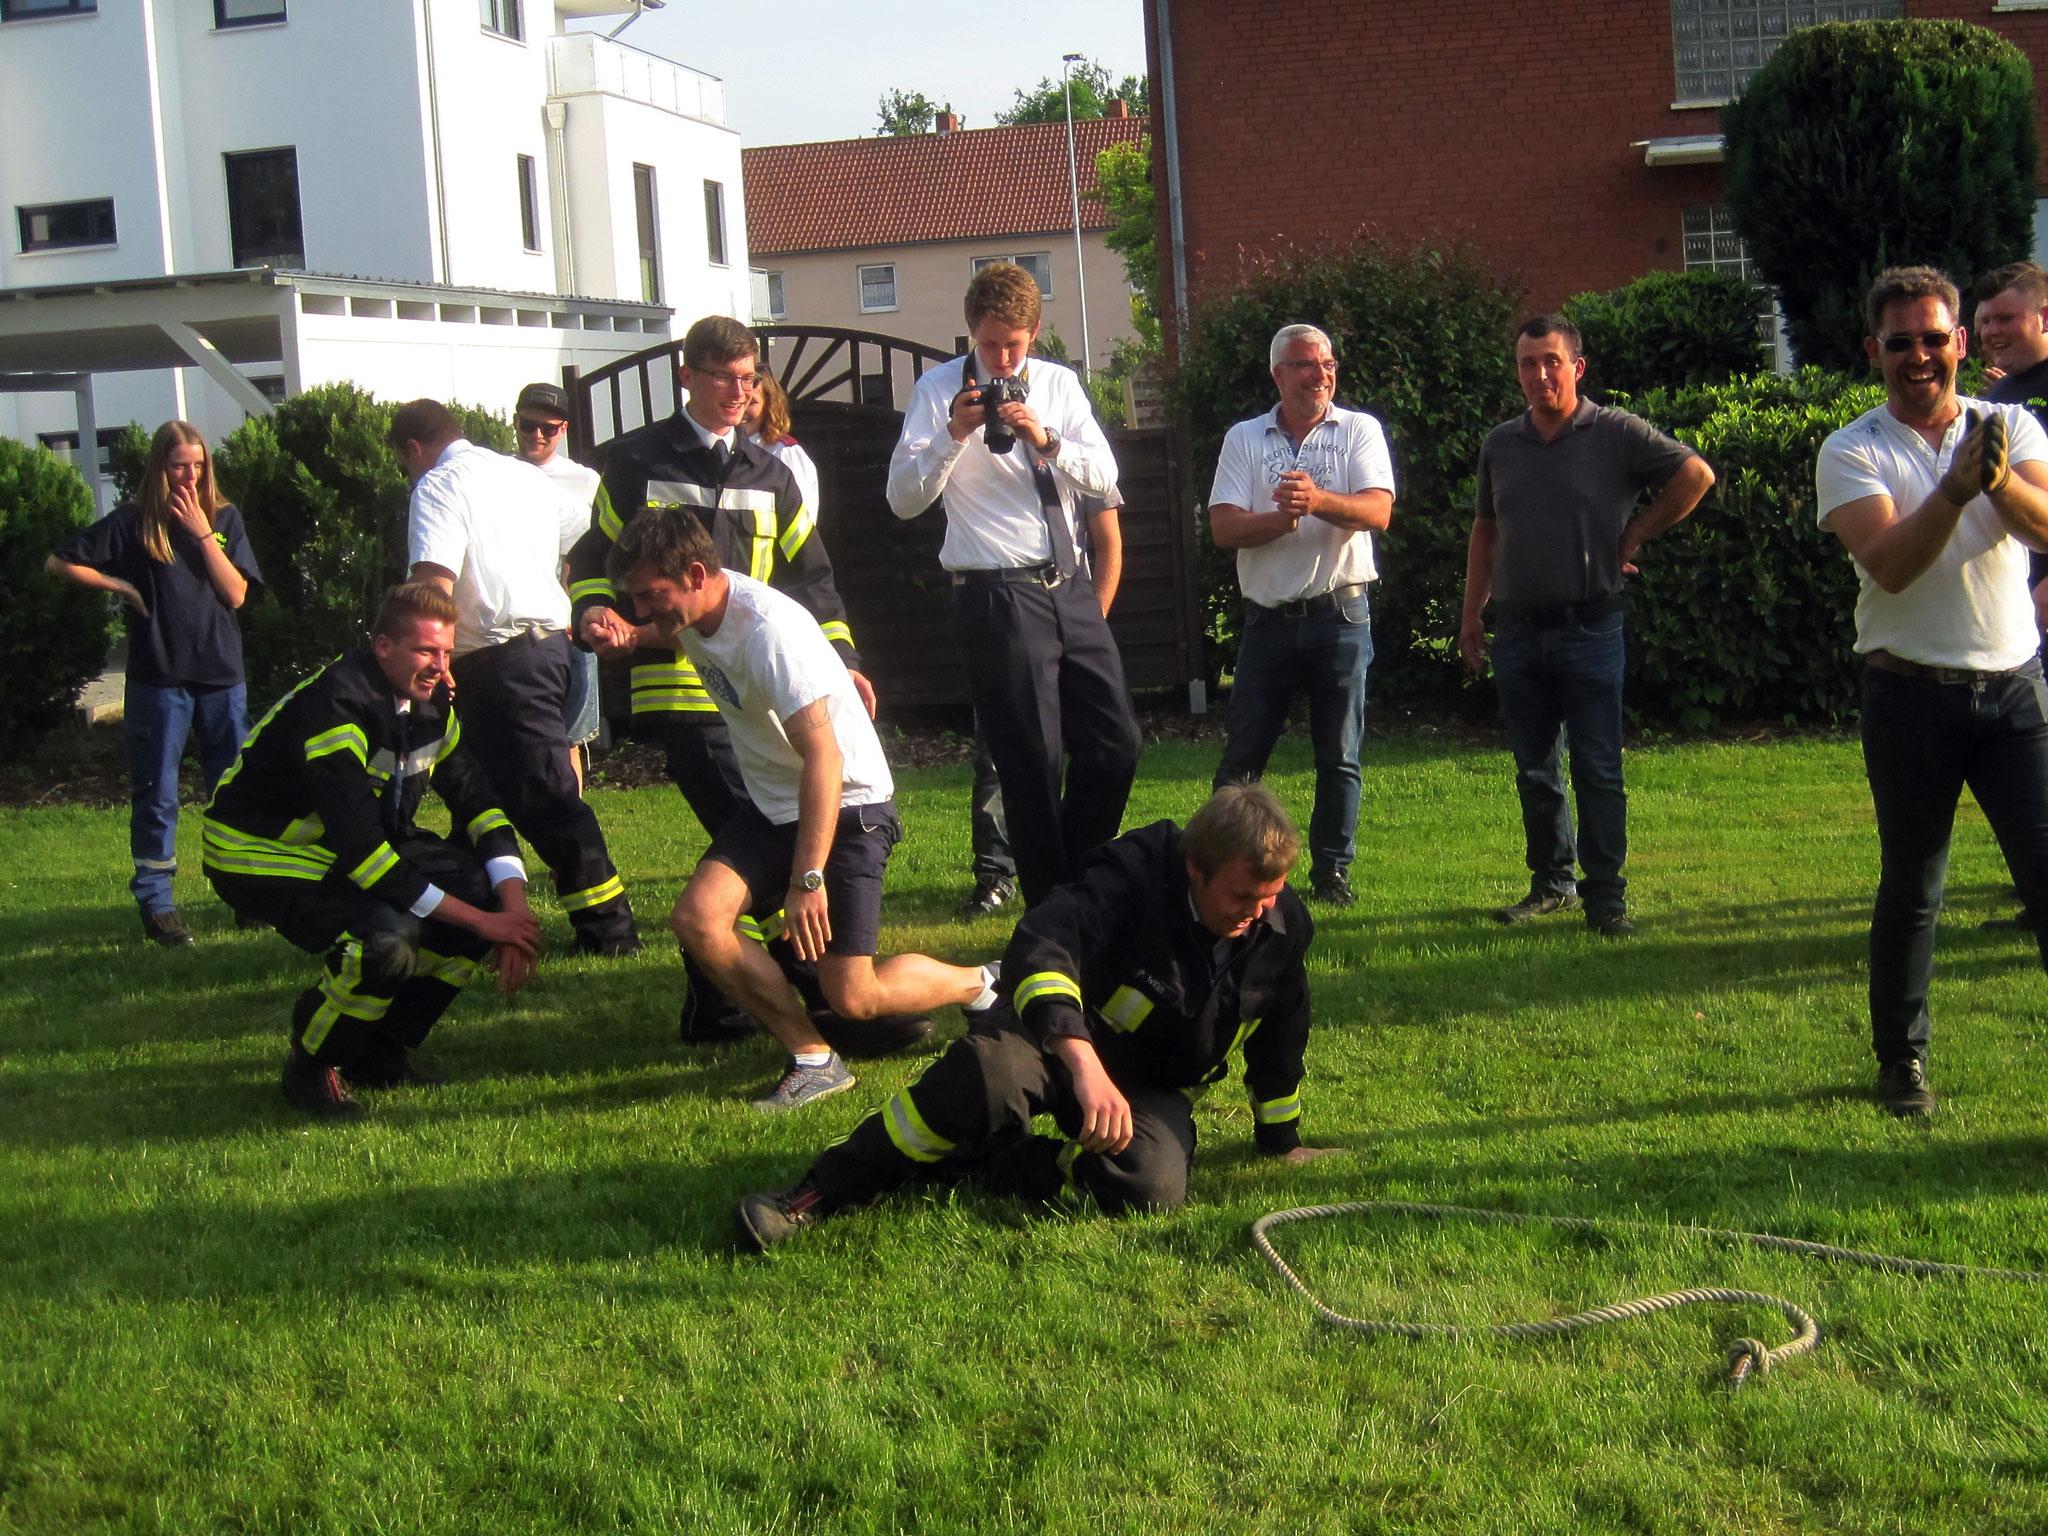 gegnerische Feuerwehr am Boden